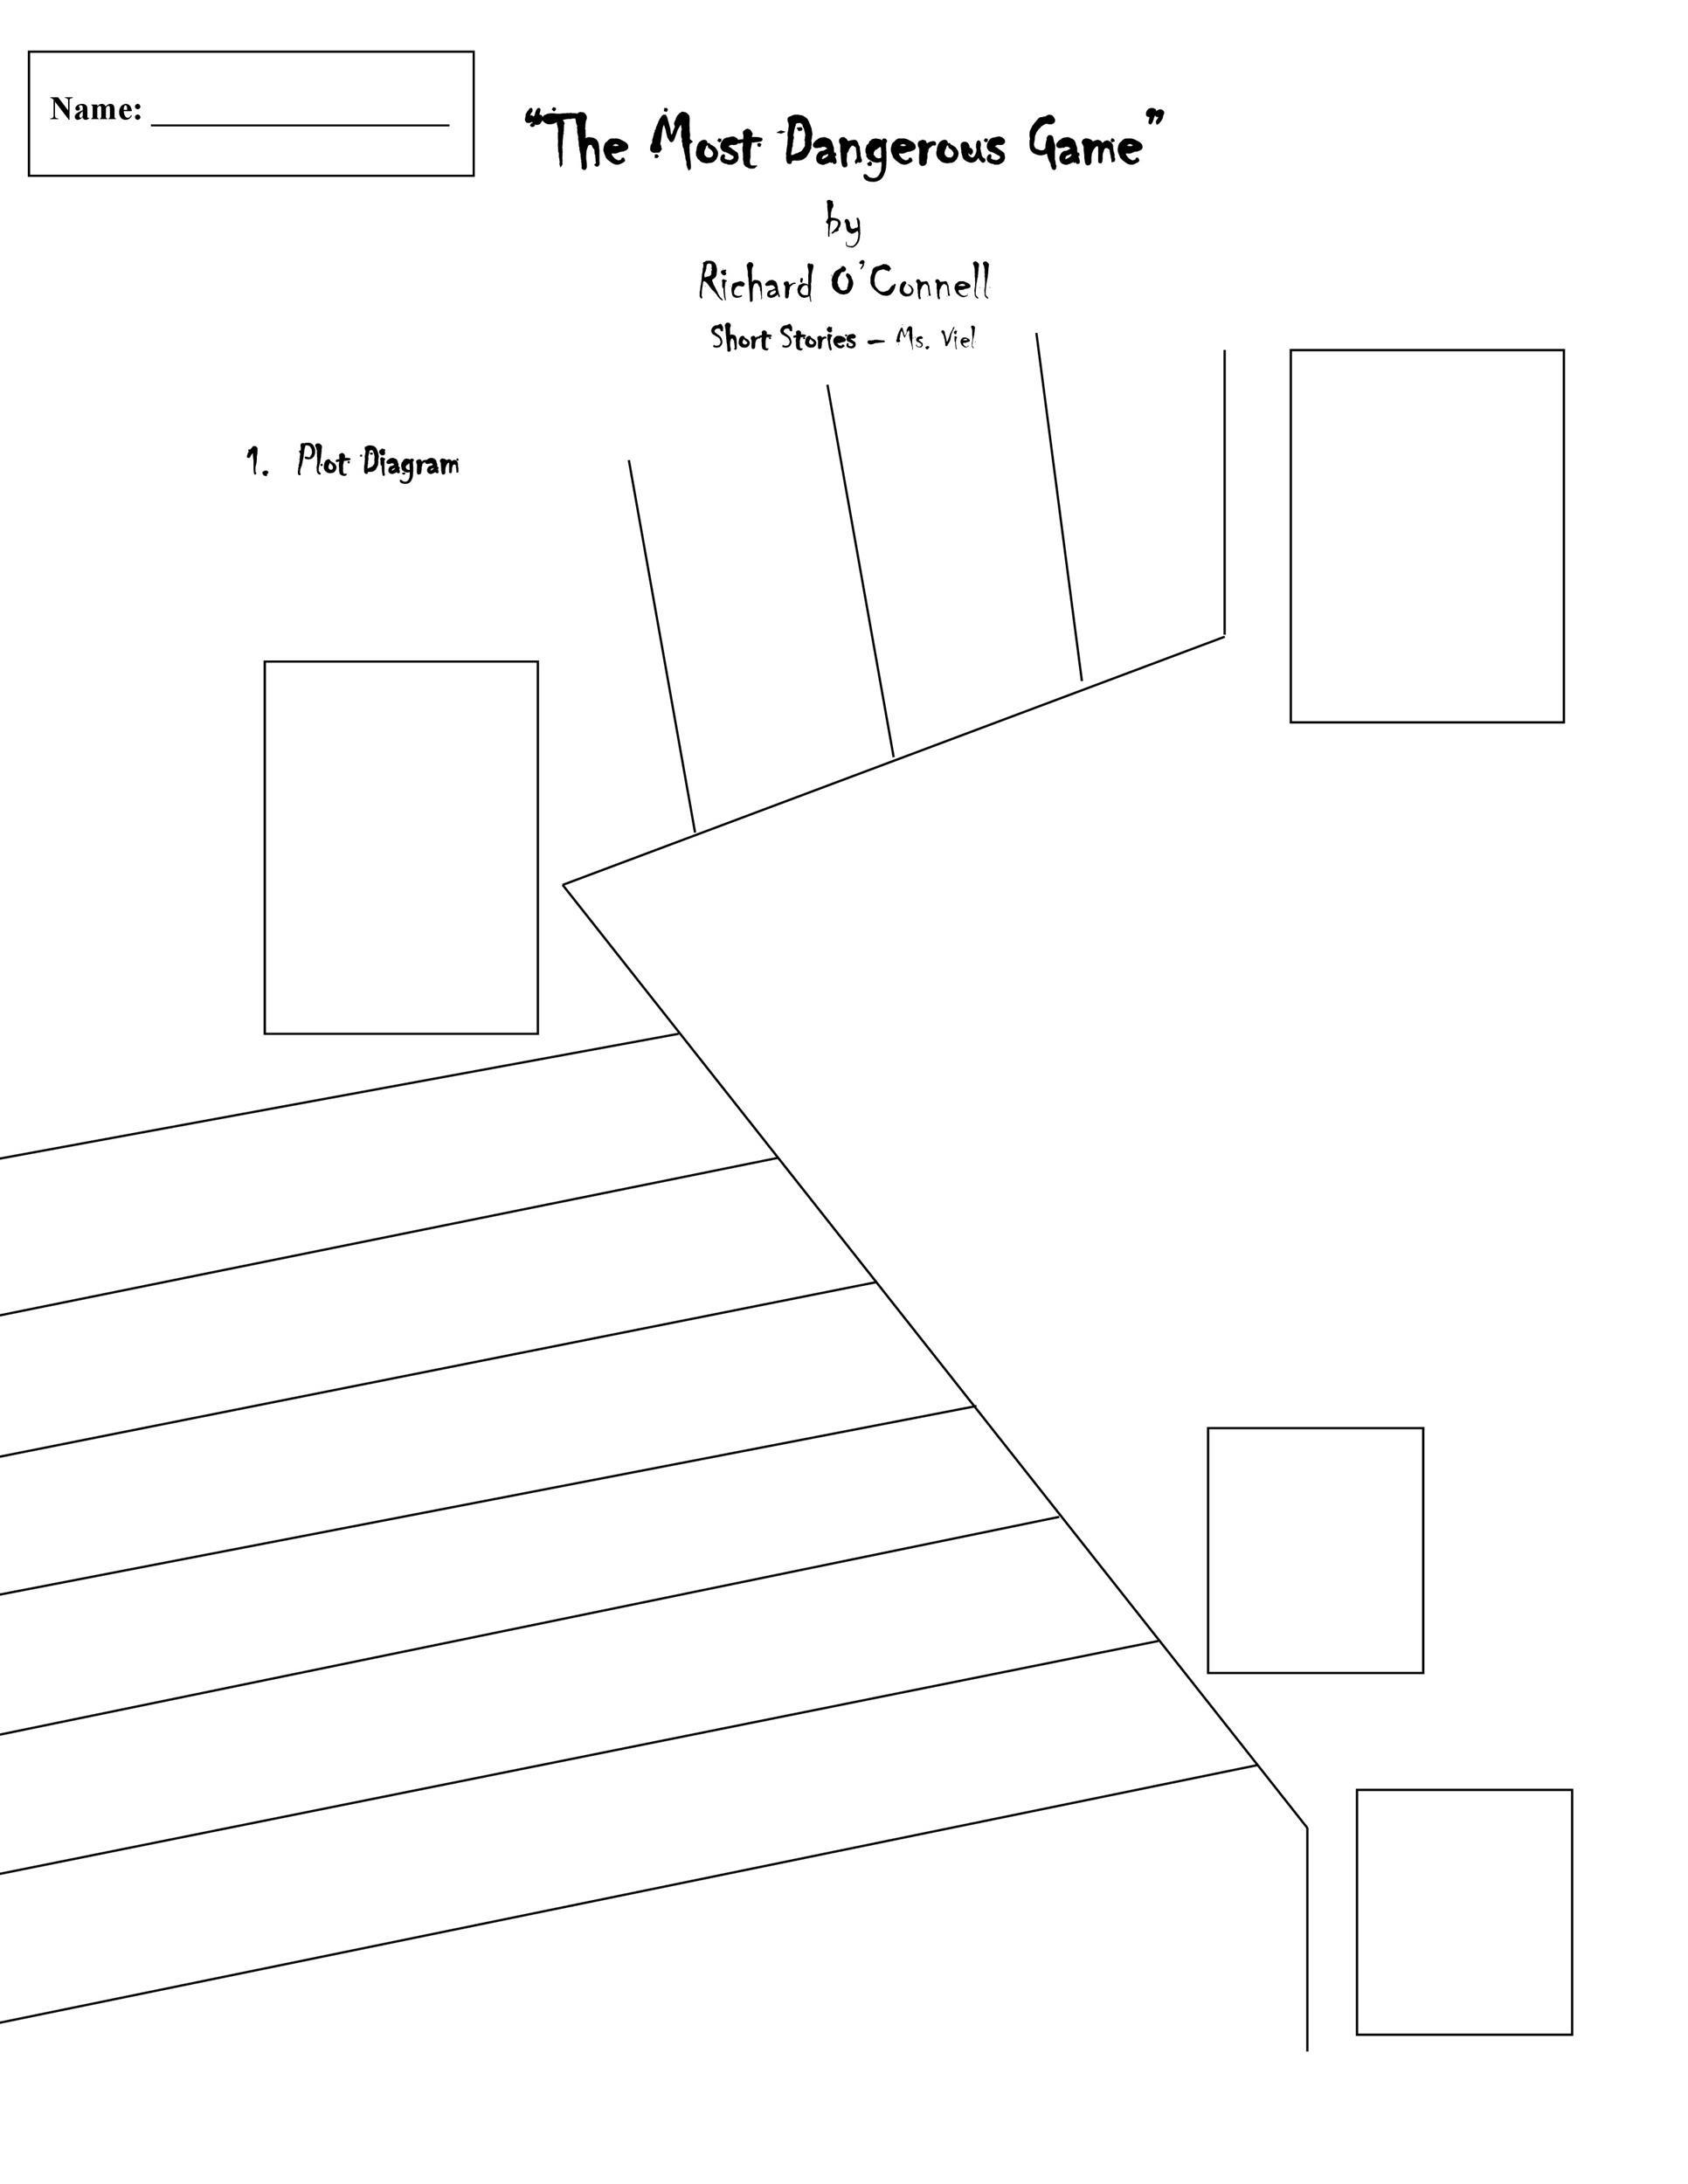 The Most Dangerous Game Plot Diagram